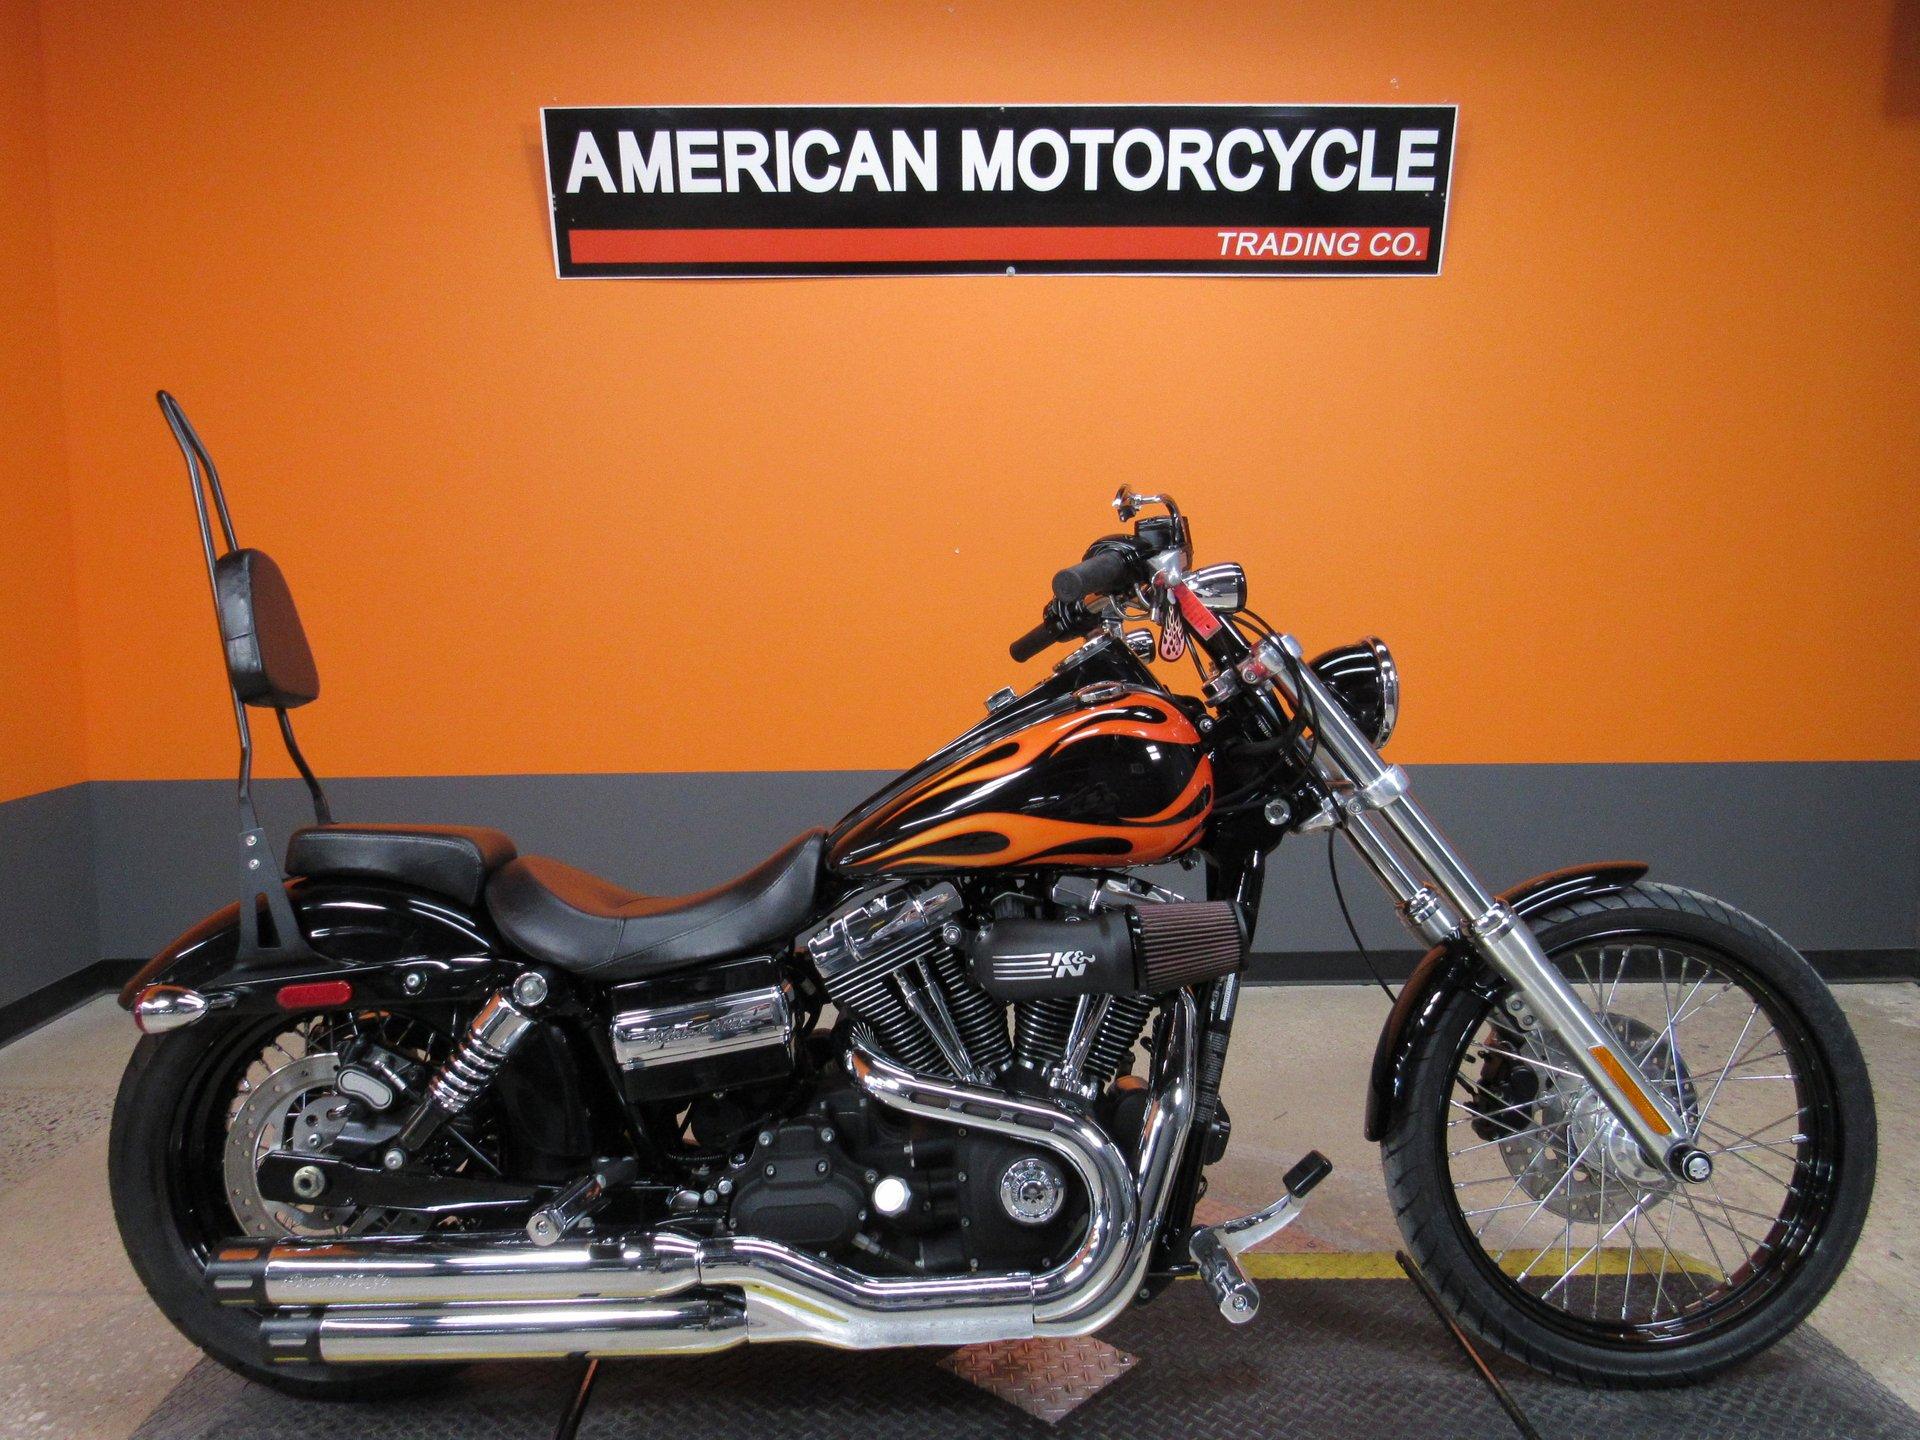 2010 Harley Davidson Wide Glide For Sale Off 51 Www Abrafiltros Org Br